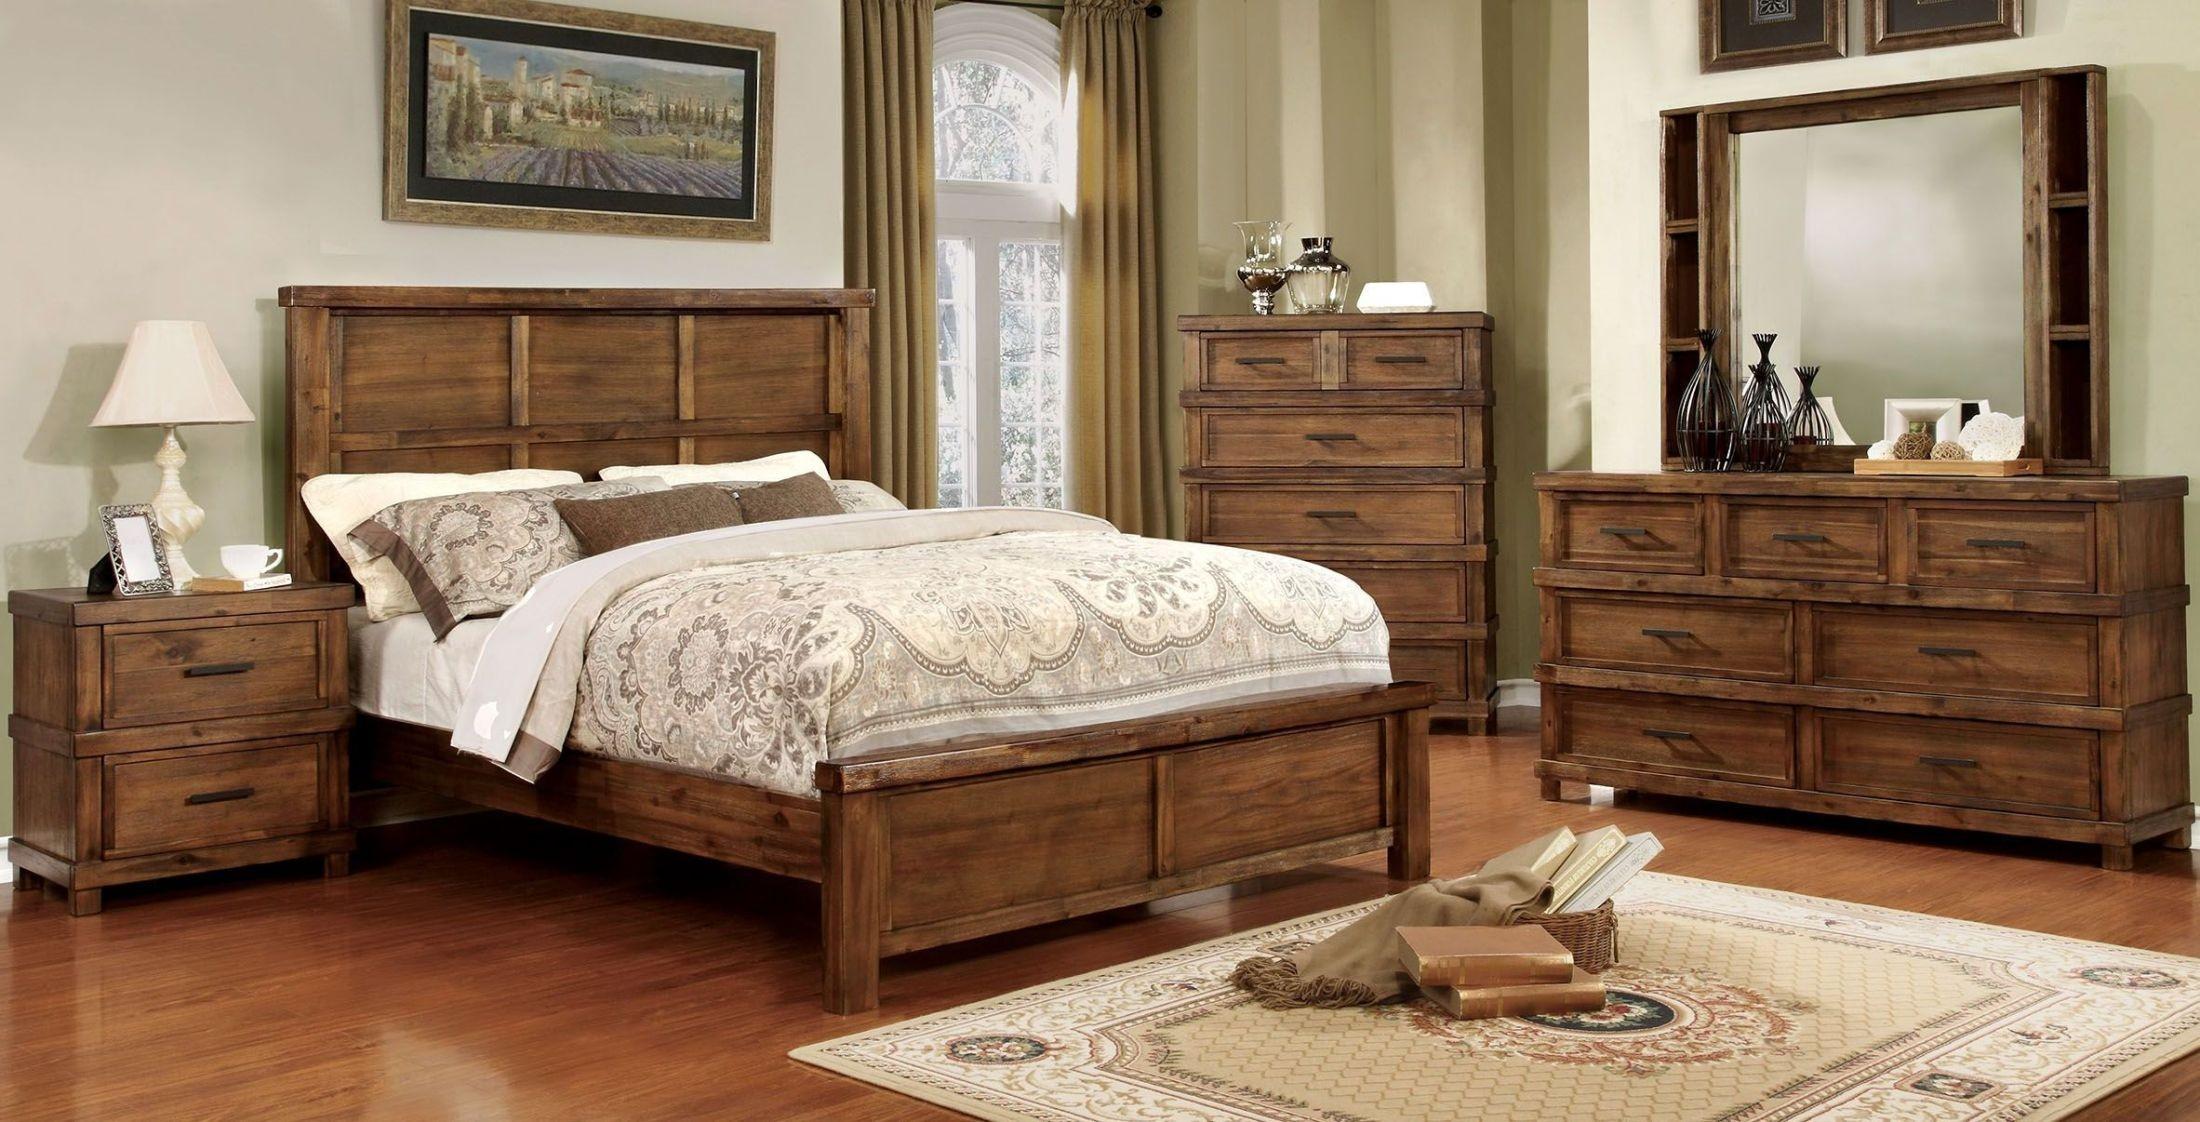 baddock antique oak panel bedroom set cm7691q furniture of america. Black Bedroom Furniture Sets. Home Design Ideas